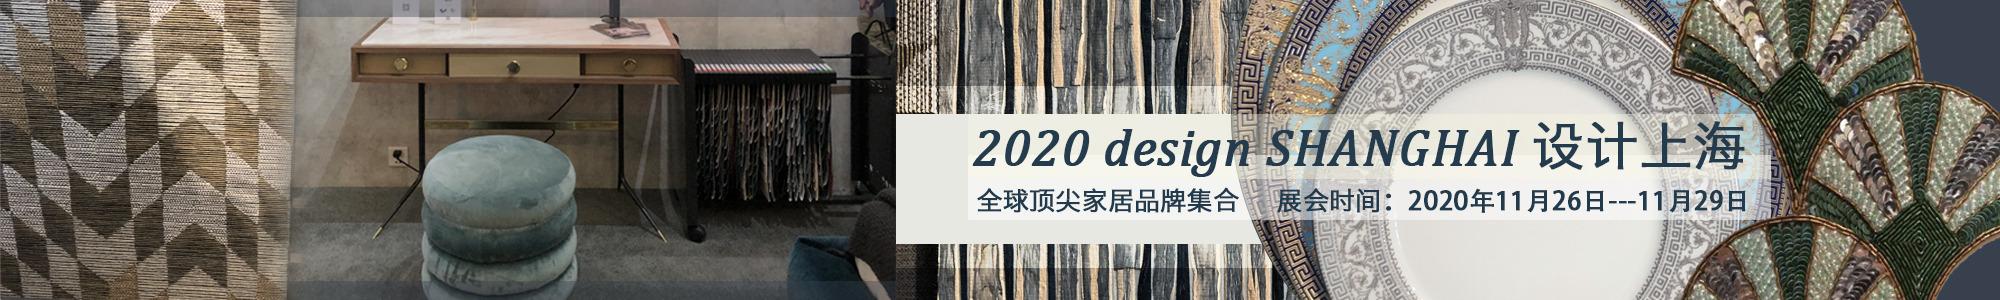 设计上海 2020